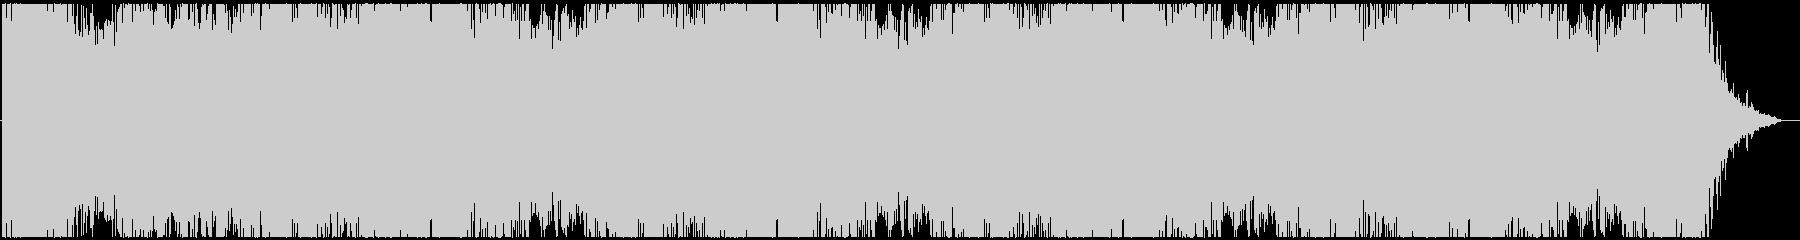 ドローン マーキュリー01の未再生の波形